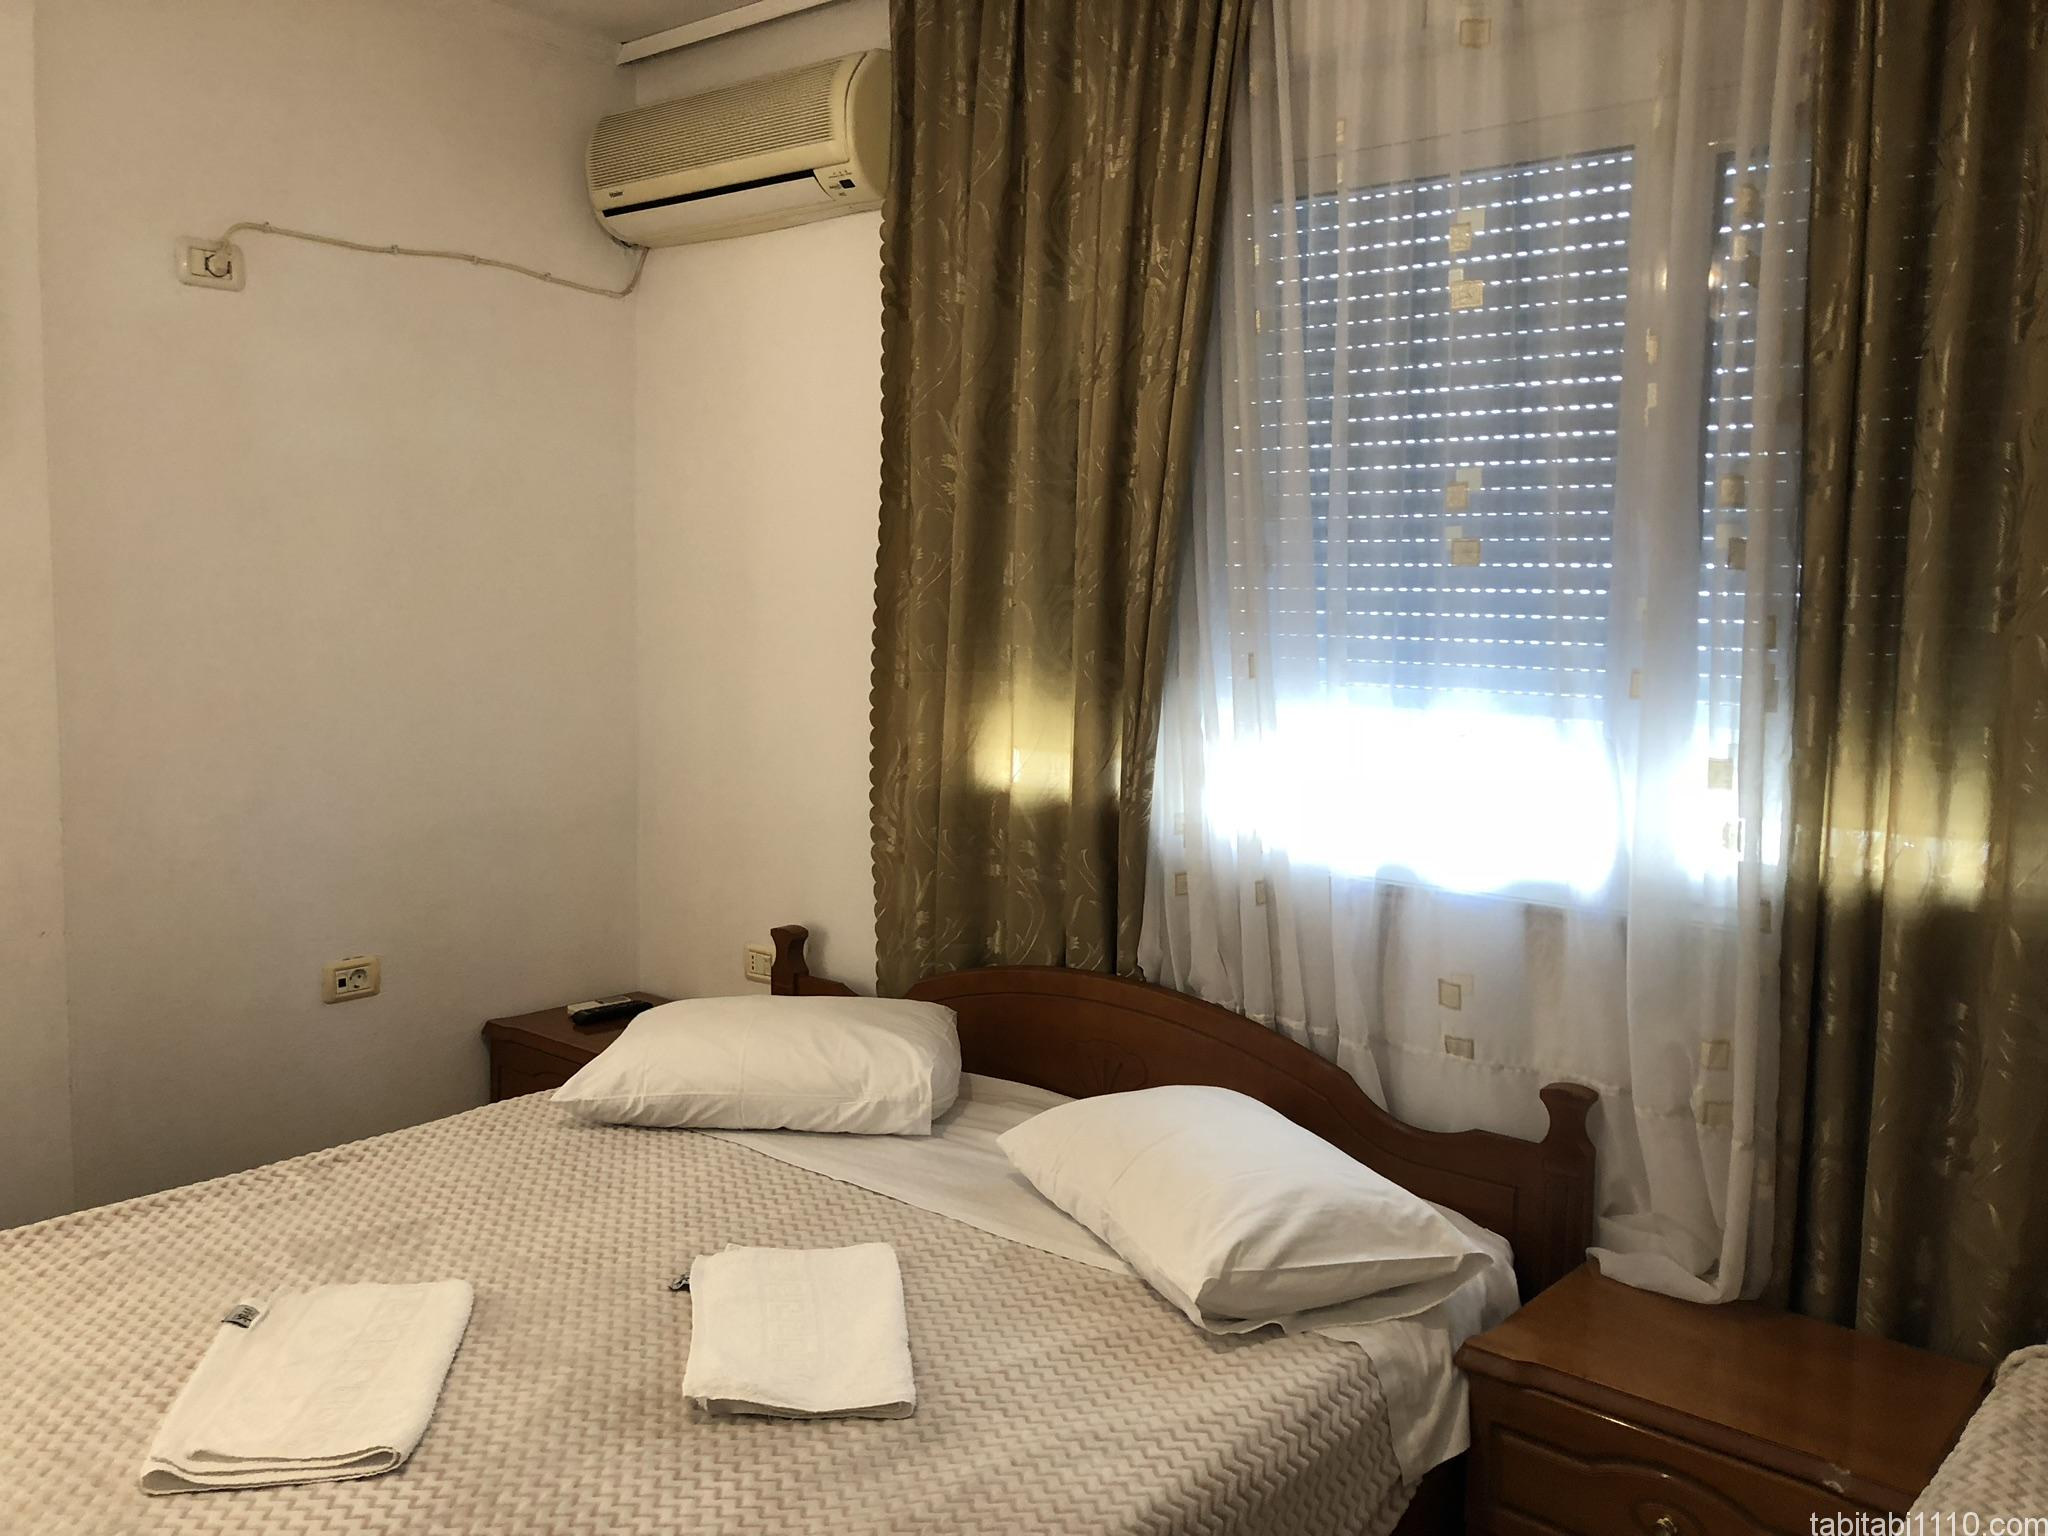 ジロカストラ|ホテル